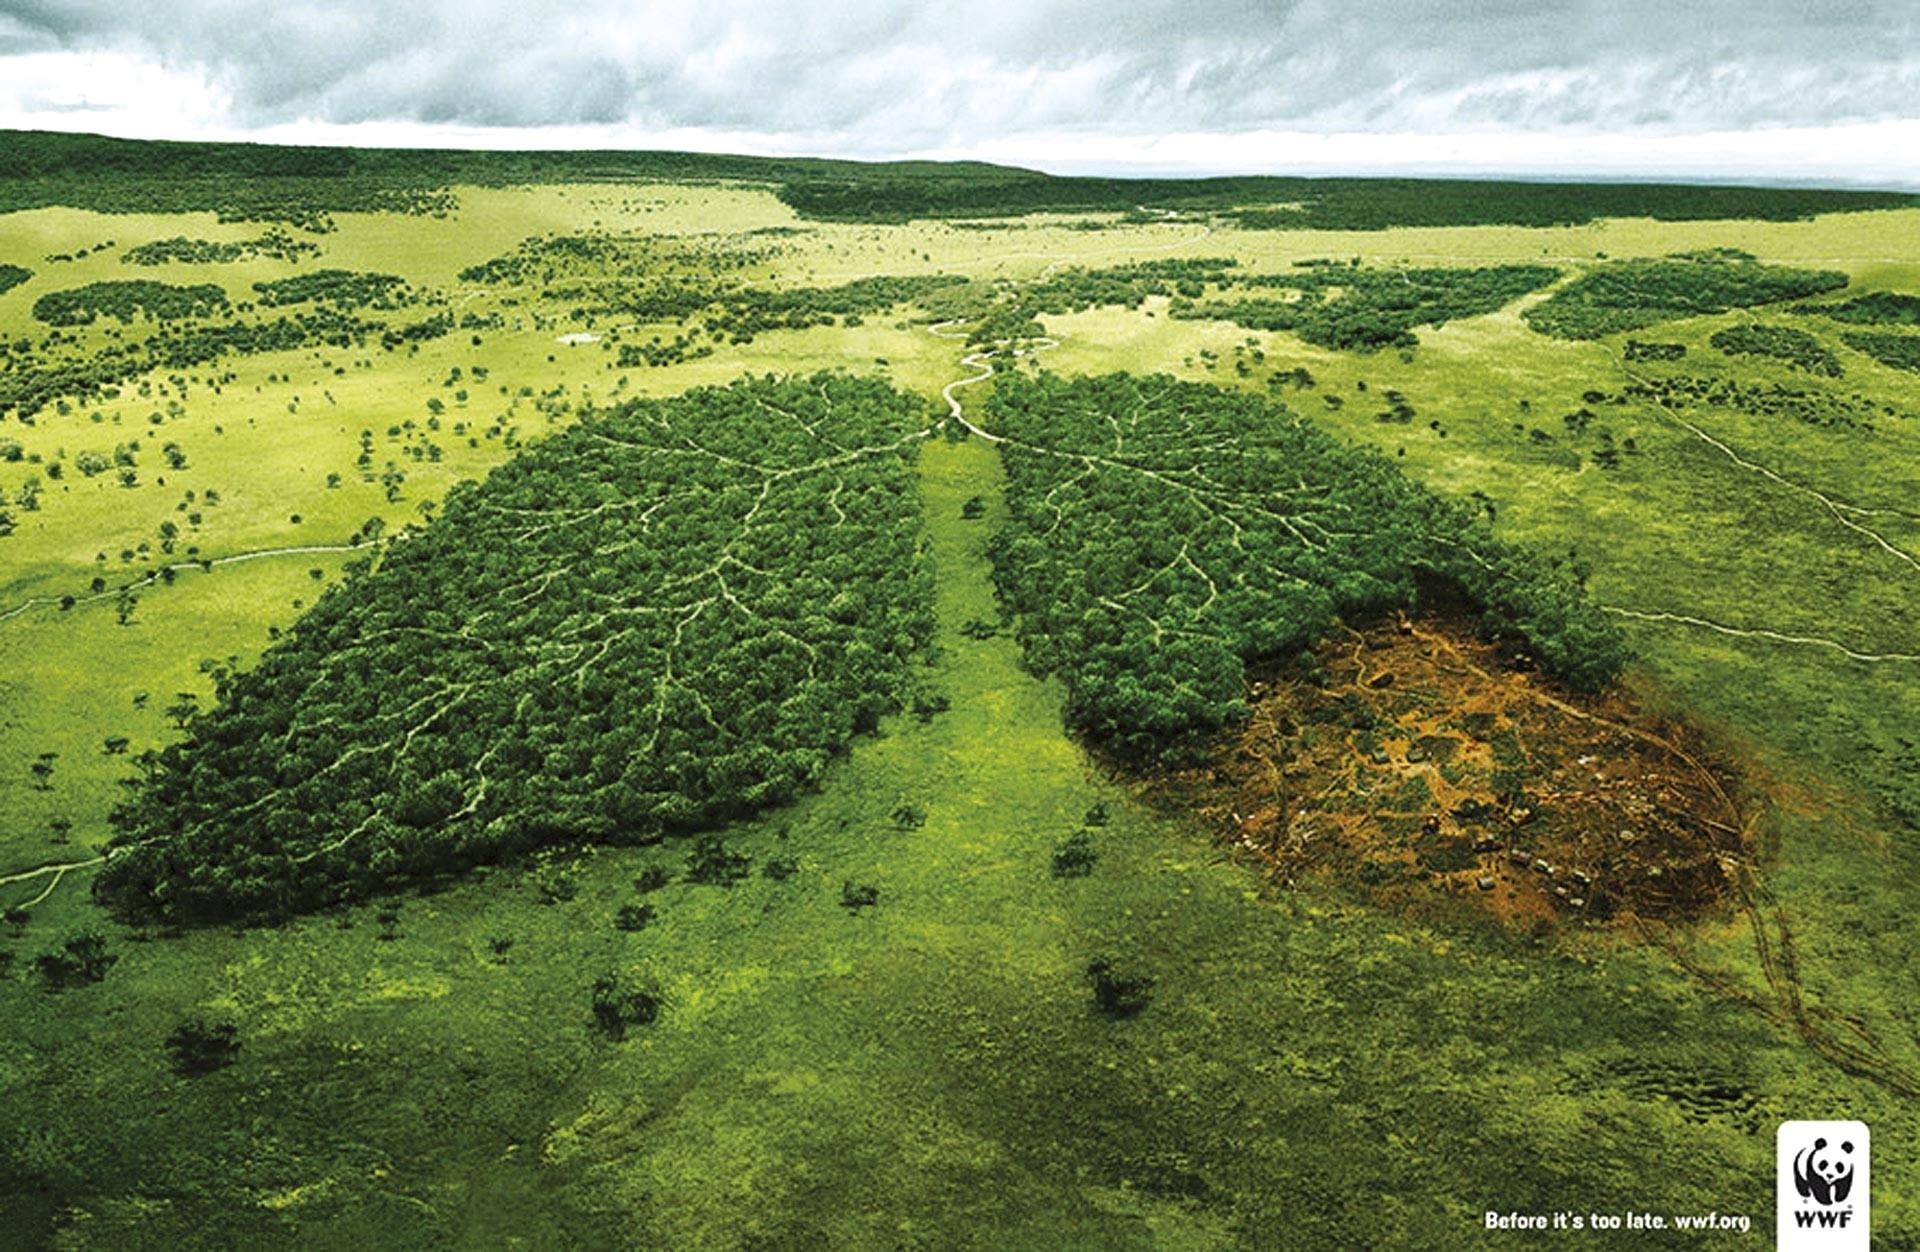 campagne de sensibilisation du WWF contre la déforestation.